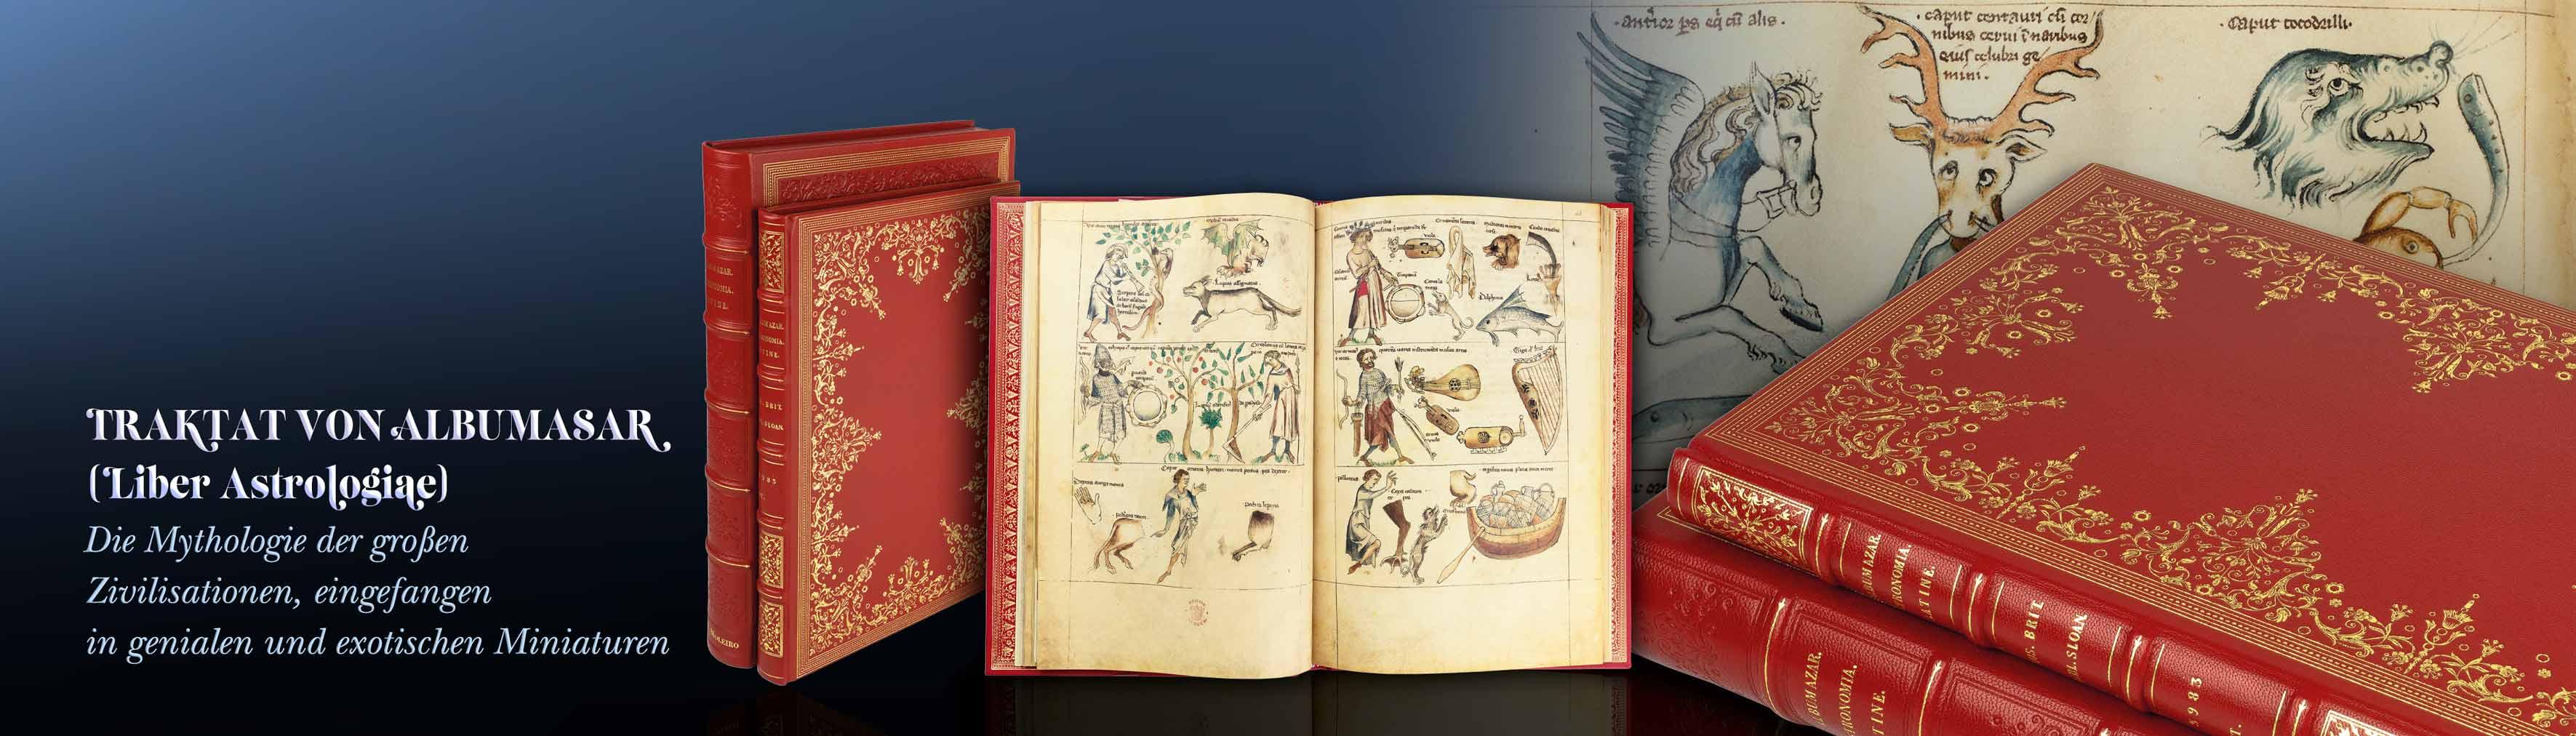 Traktat von Albumasar (Liber astrologiae)